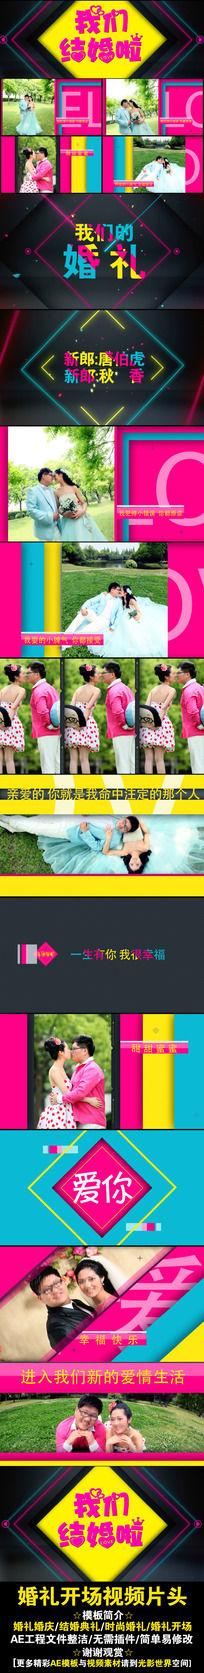 时尚婚庆AE模板